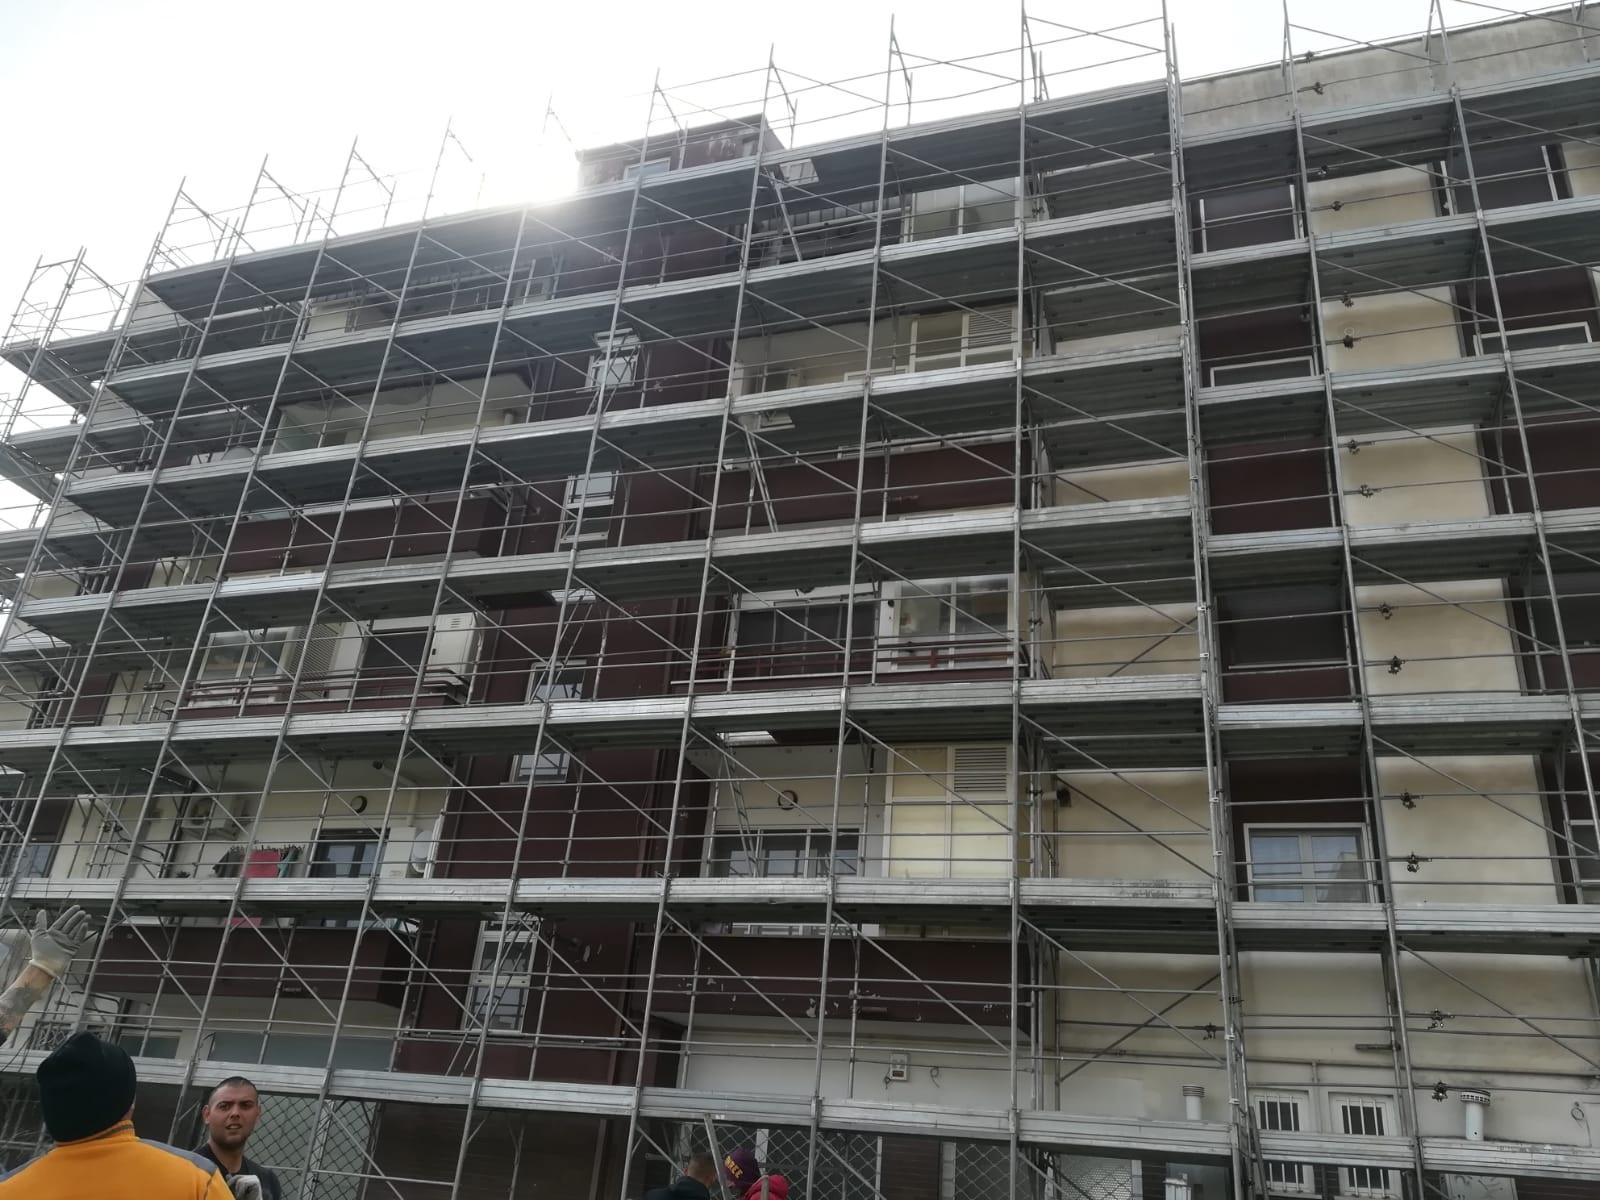 manutenzione-condomini-restauri-civili-indistriali-latina-impalcature-facciata